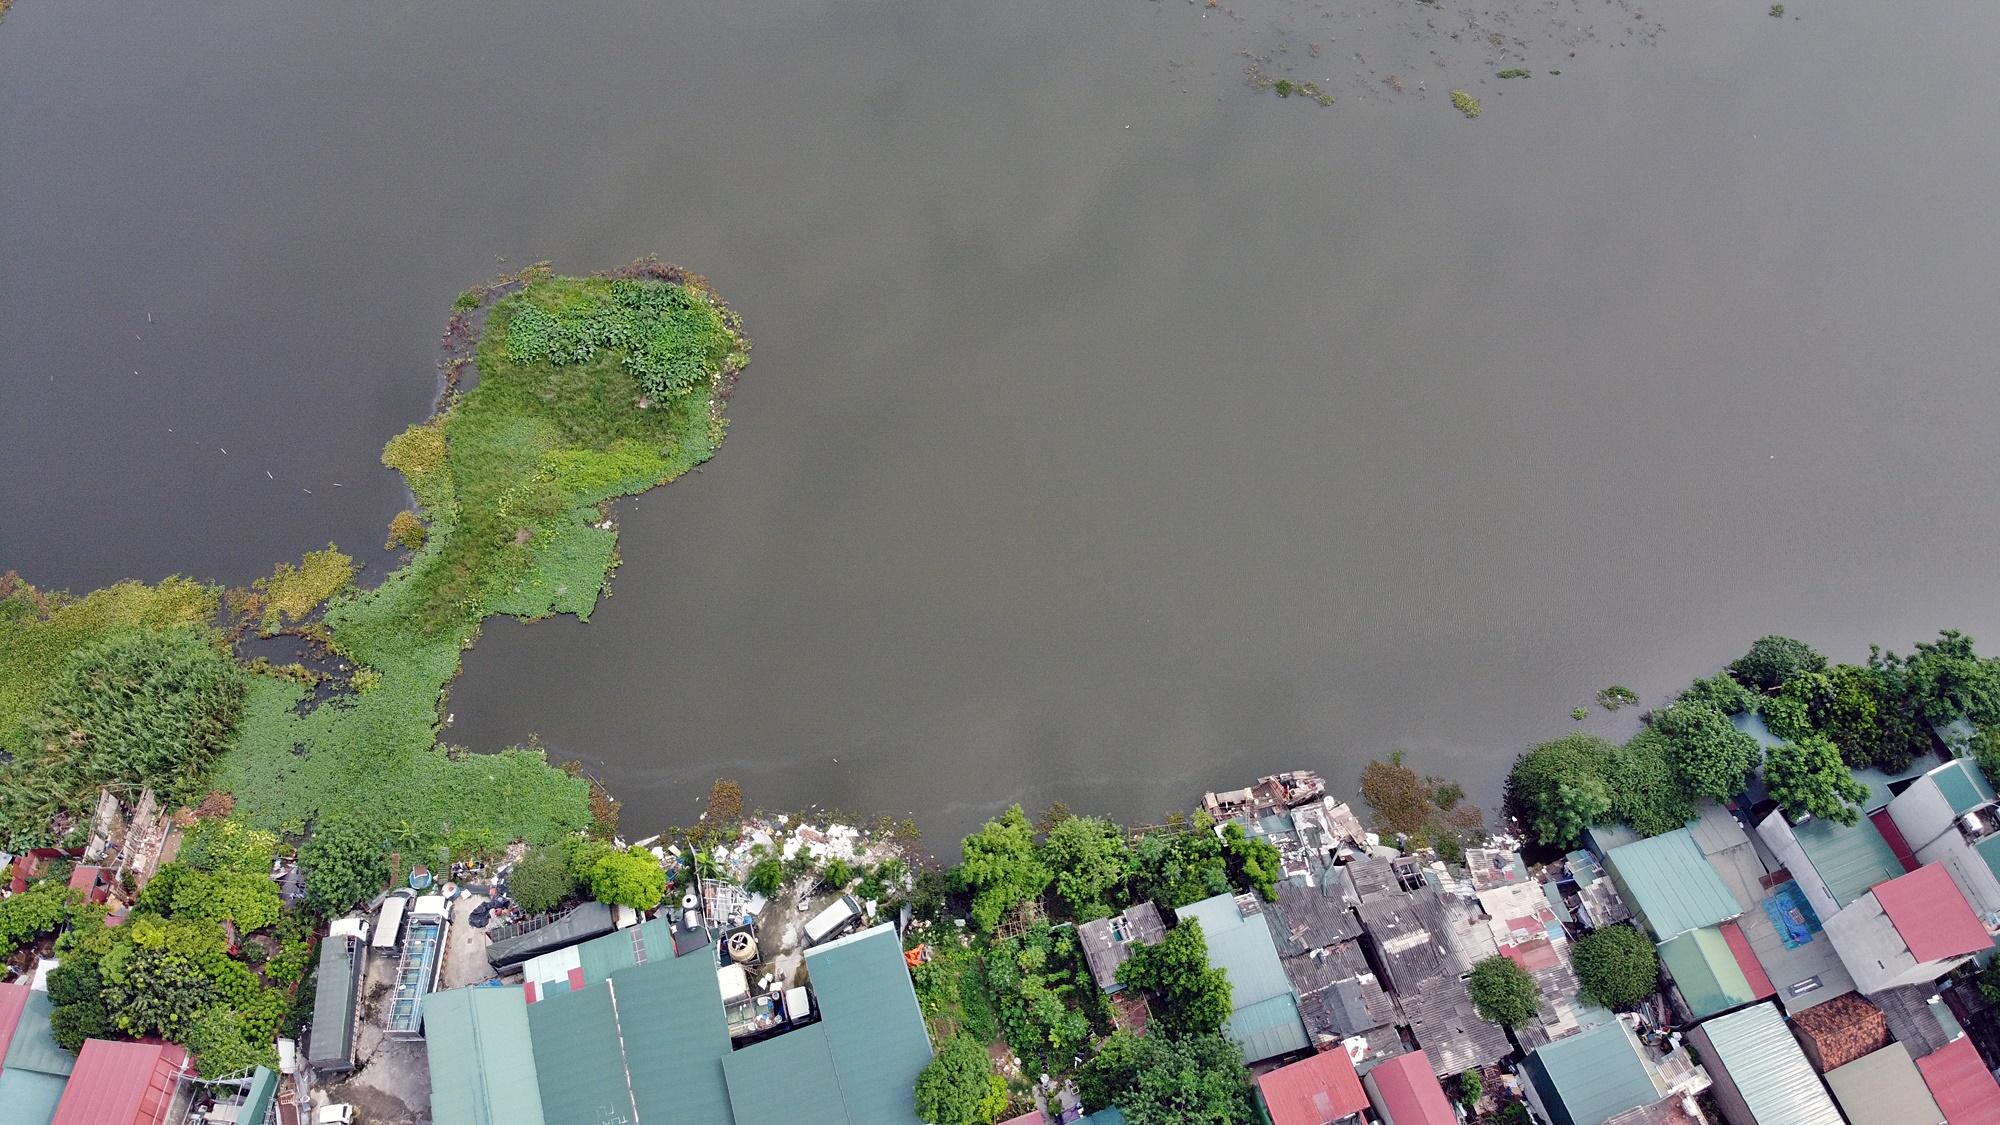 Toàn cảnh nơi xây dựng Khu đô thị ven hồ Yên Sở hơn 190ha - Ảnh 10.